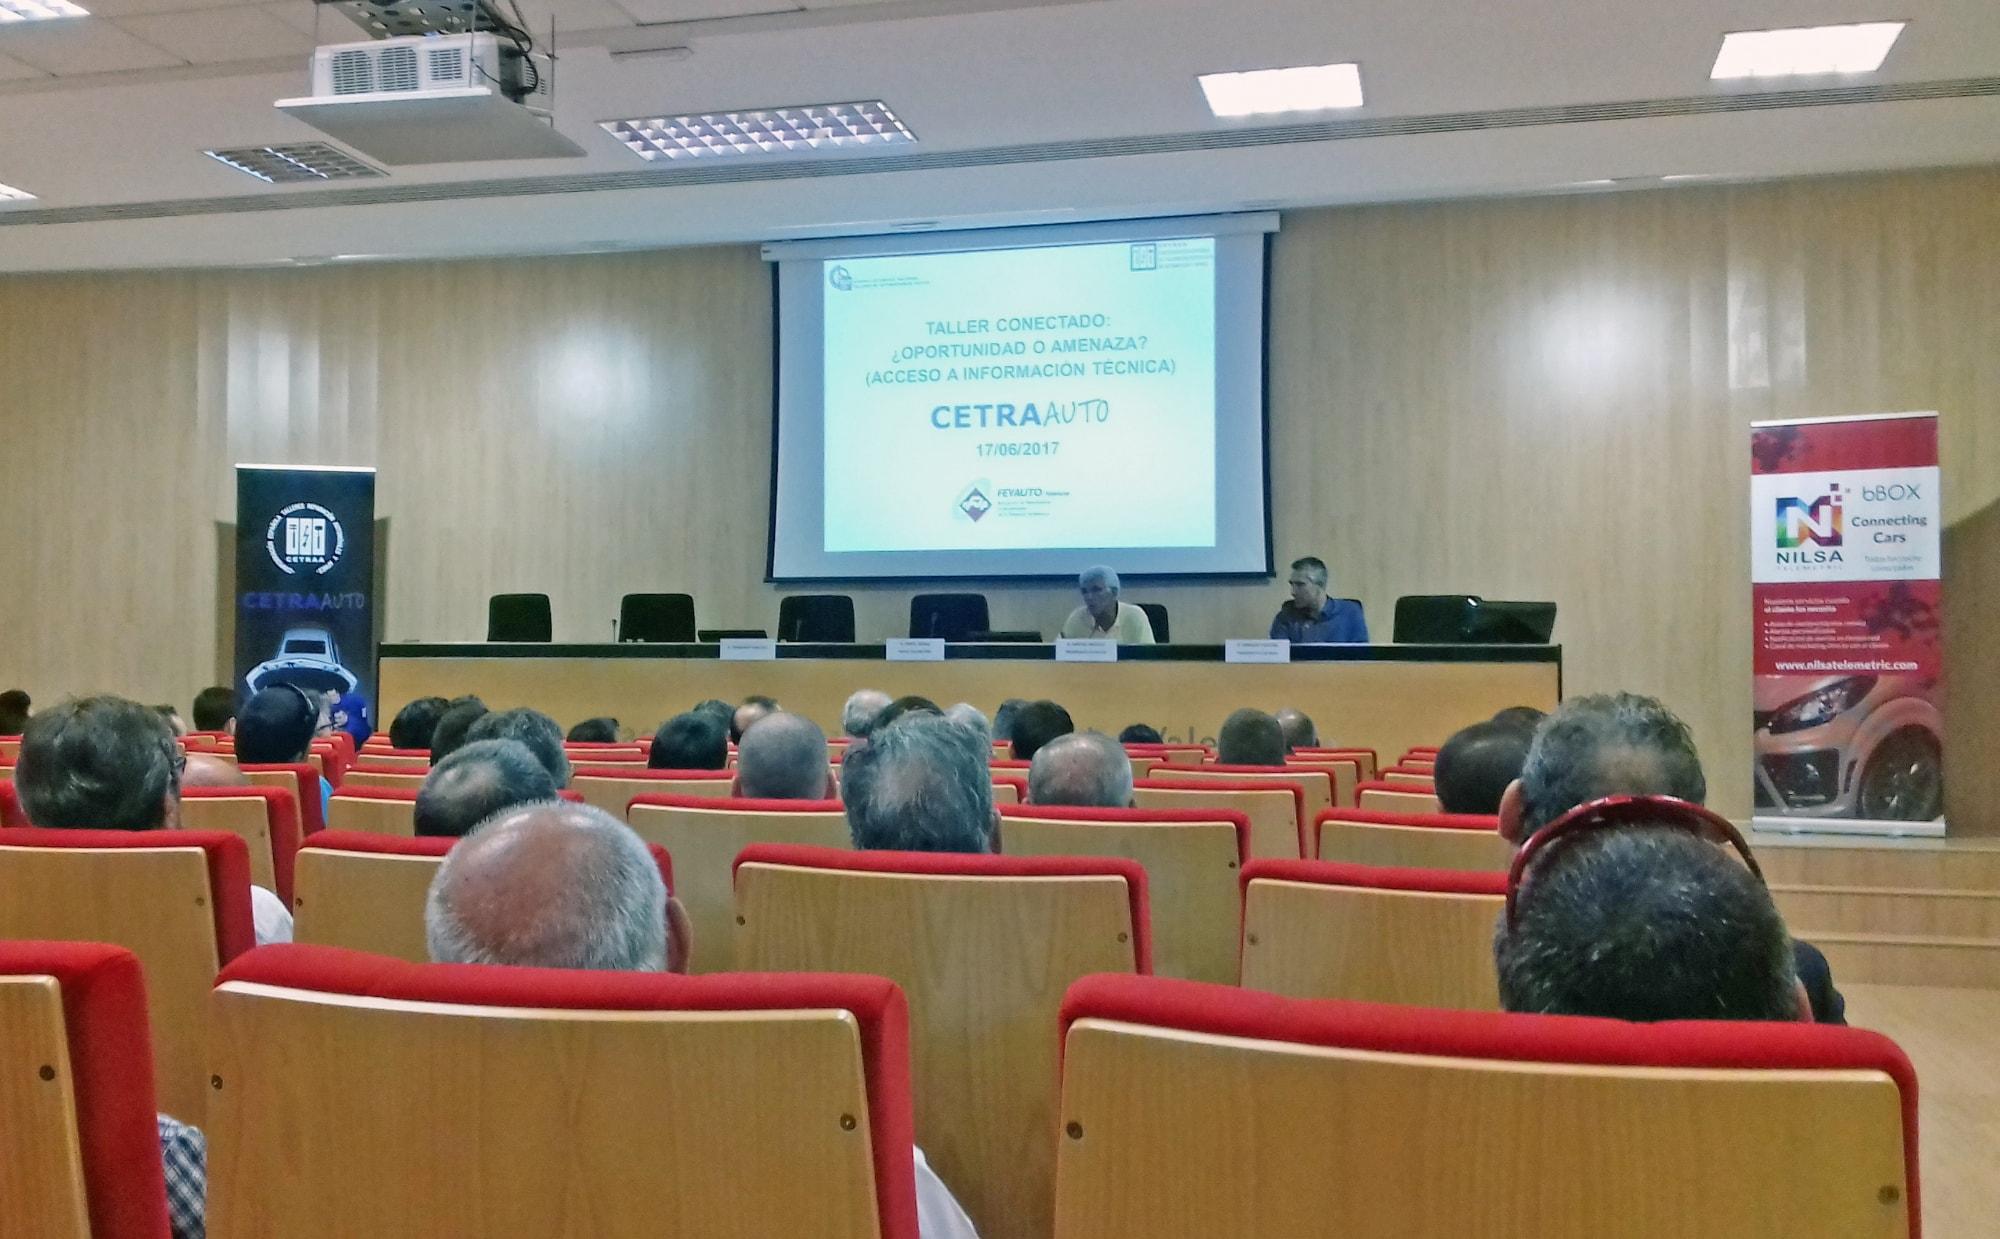 CETRAA celebra el CETRAauto 2017